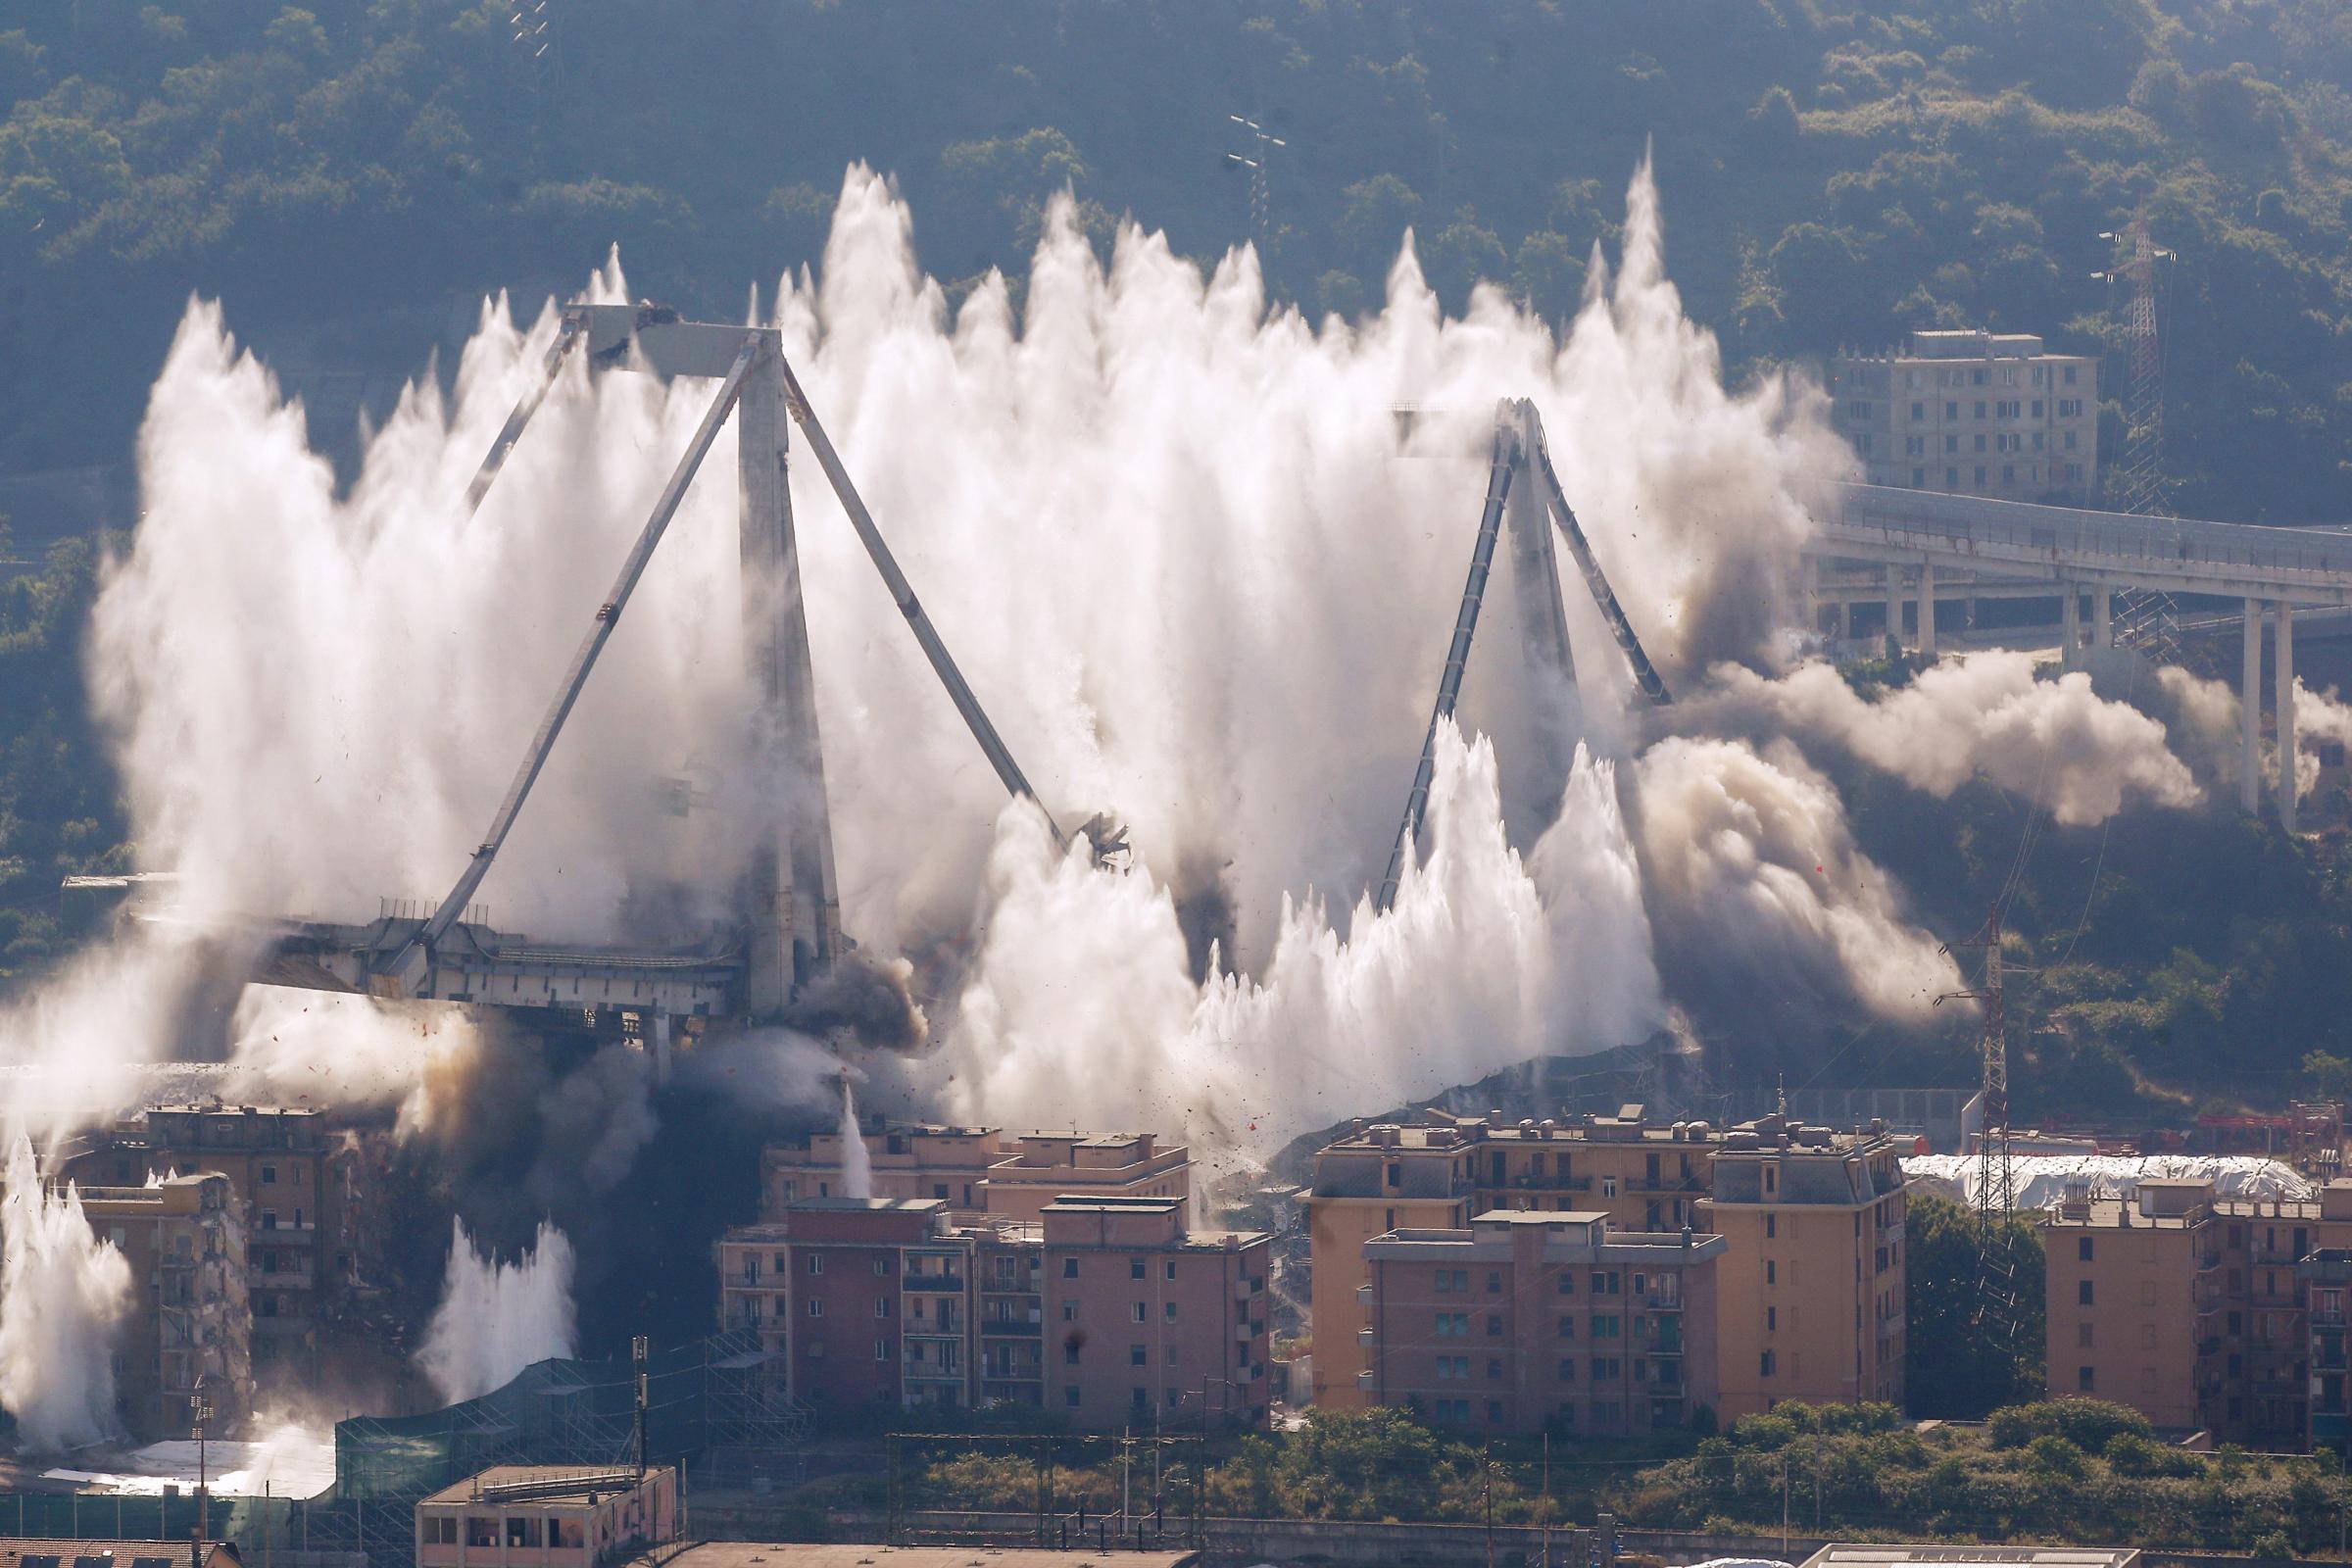 Genoa scaffold wrecked in emotional blast, 10 months after deadly breakdown